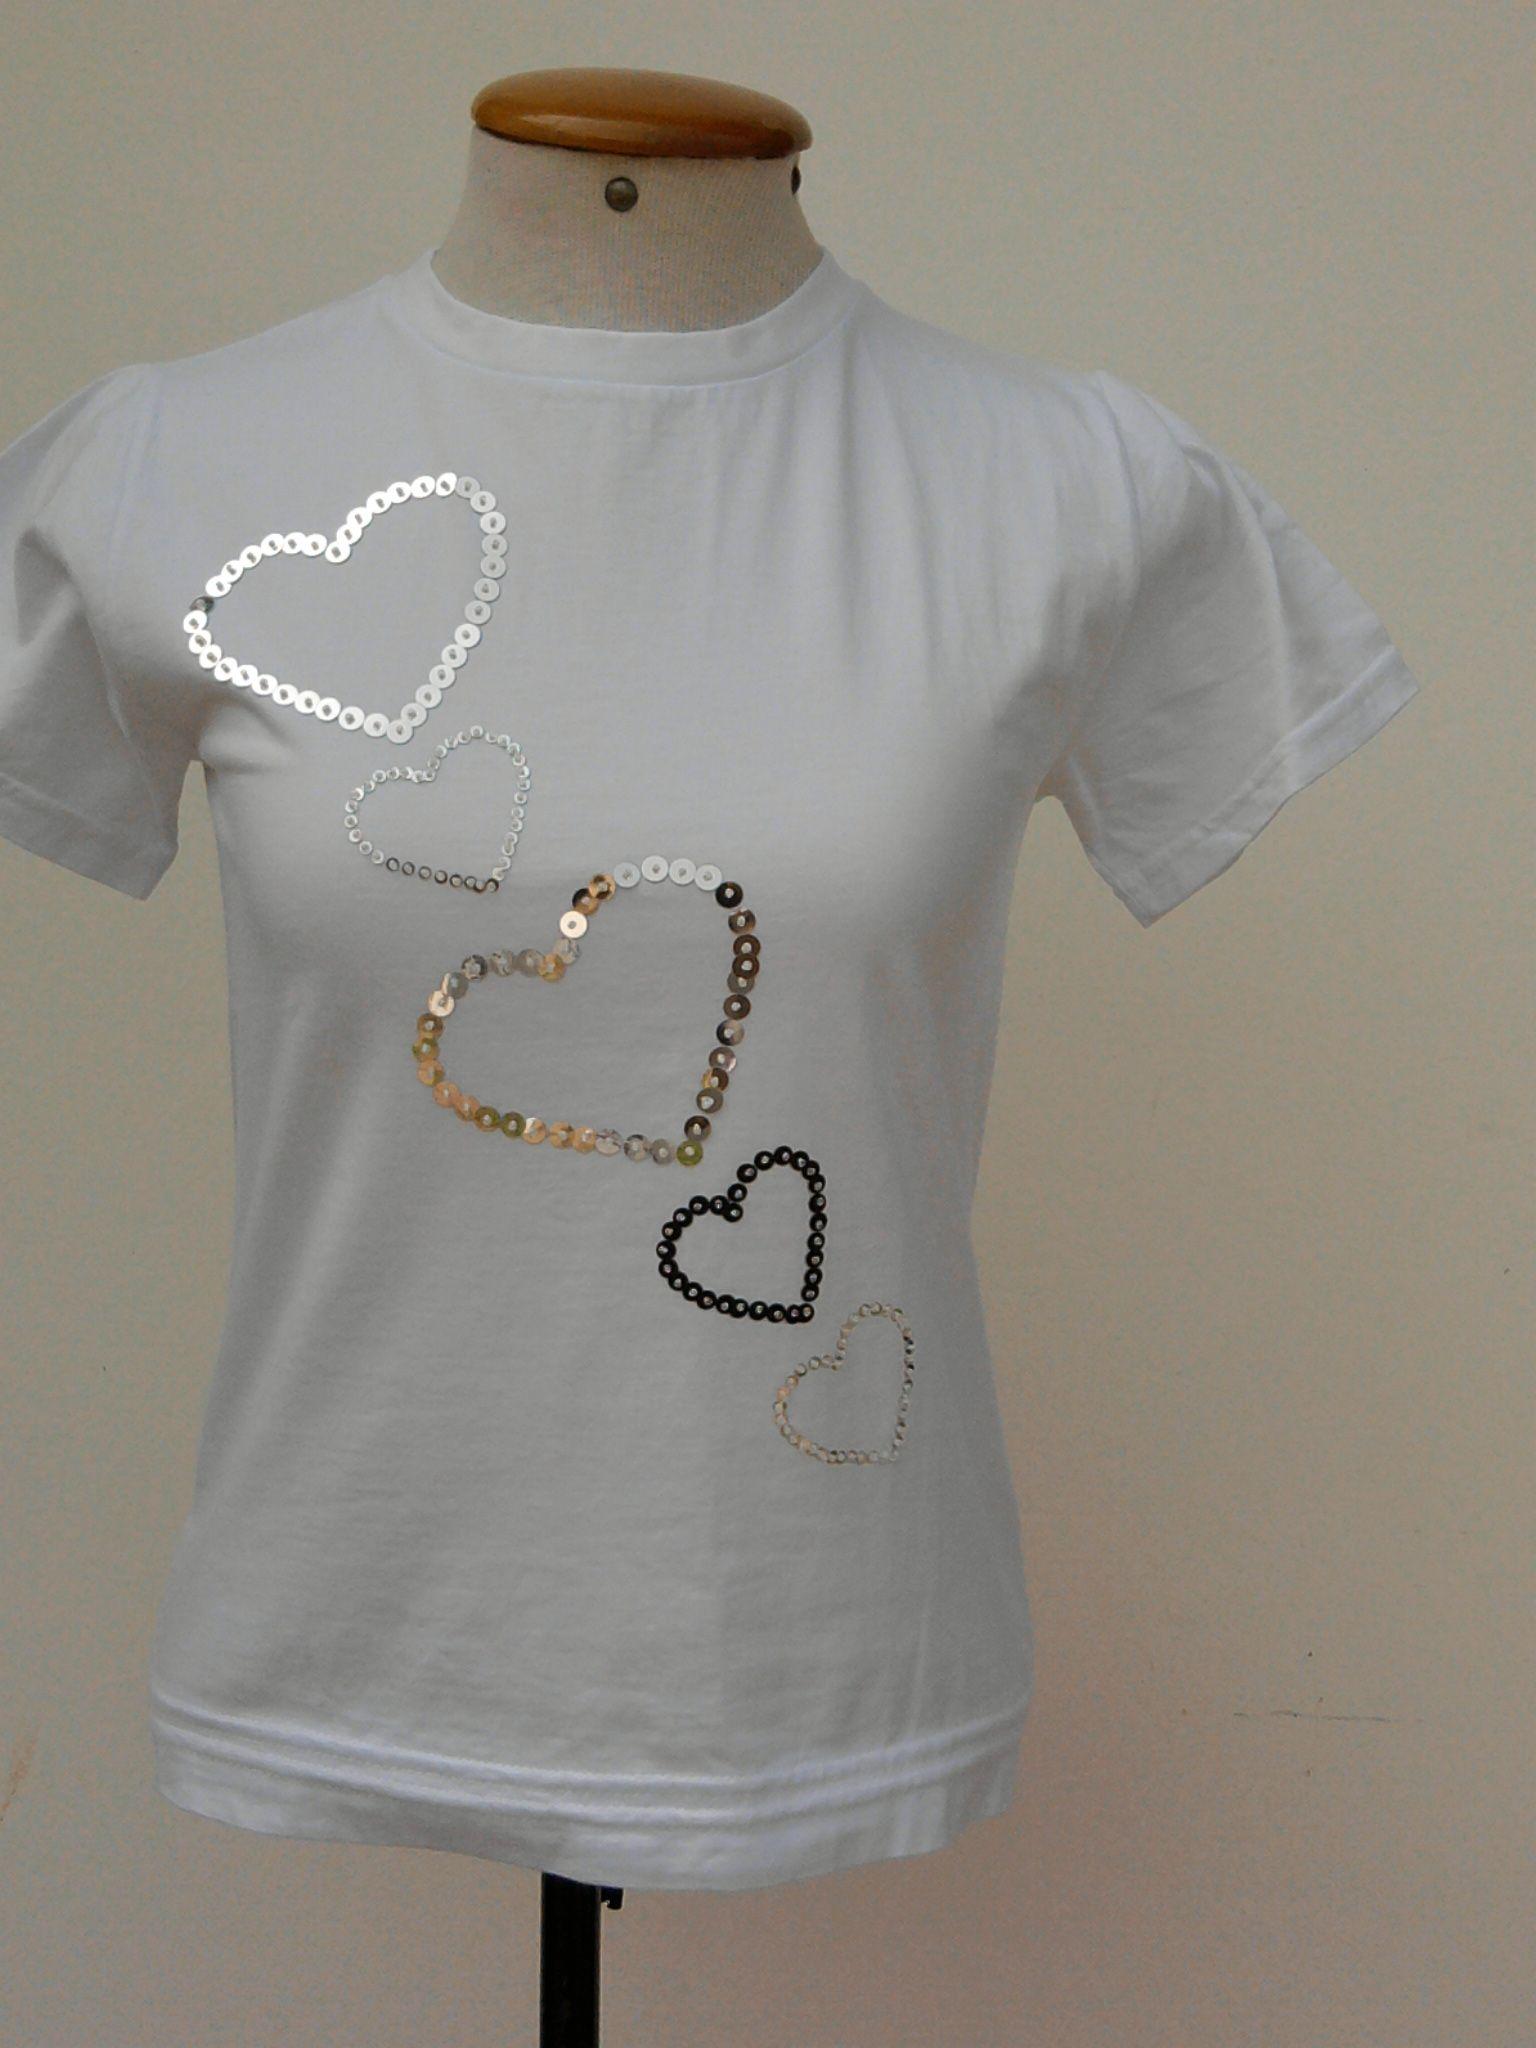 a311899db1 Camiseta bordada com lantejoulas